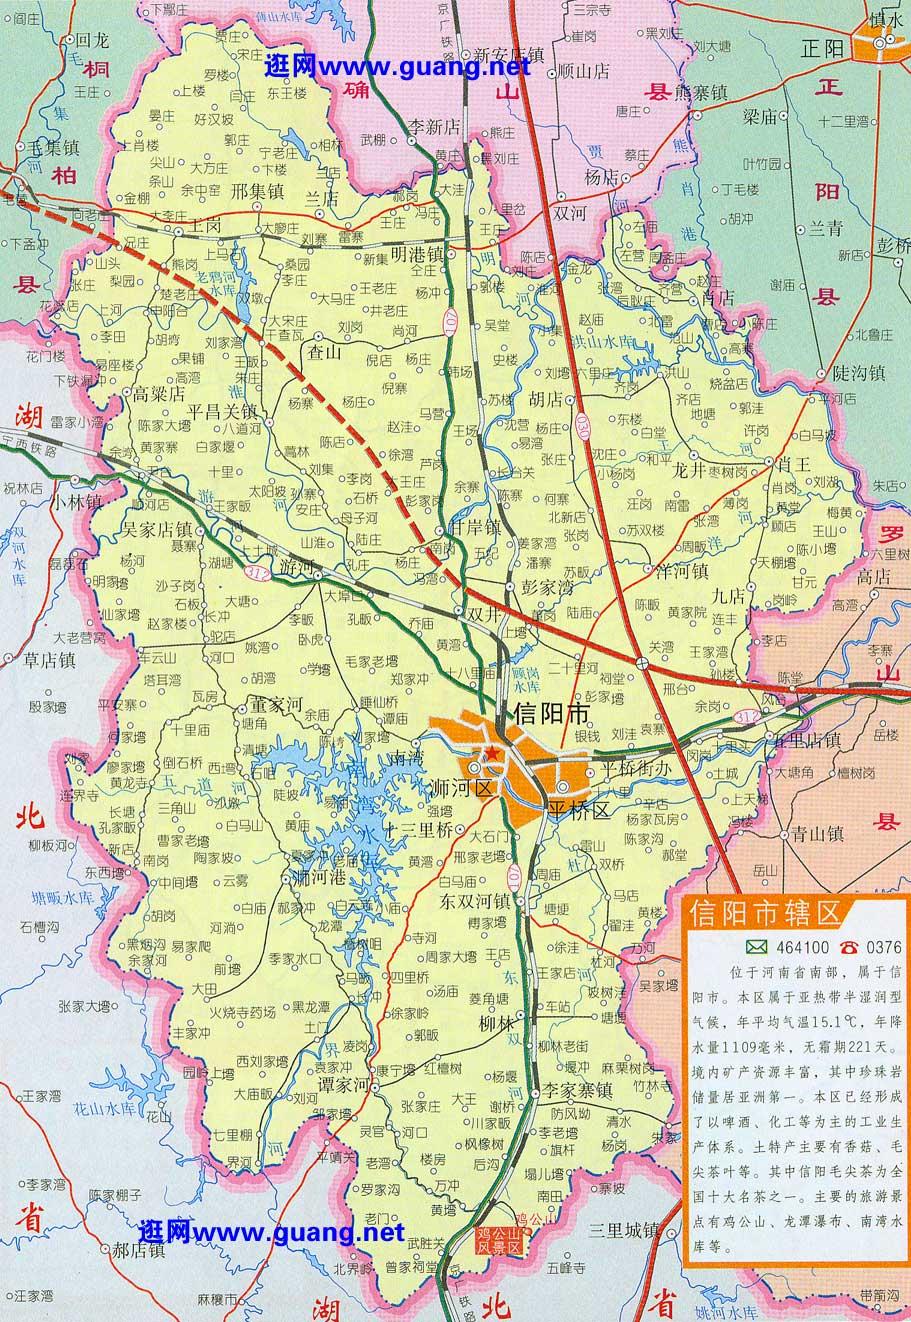 信阳市区地图高清全图_信阳行政地图